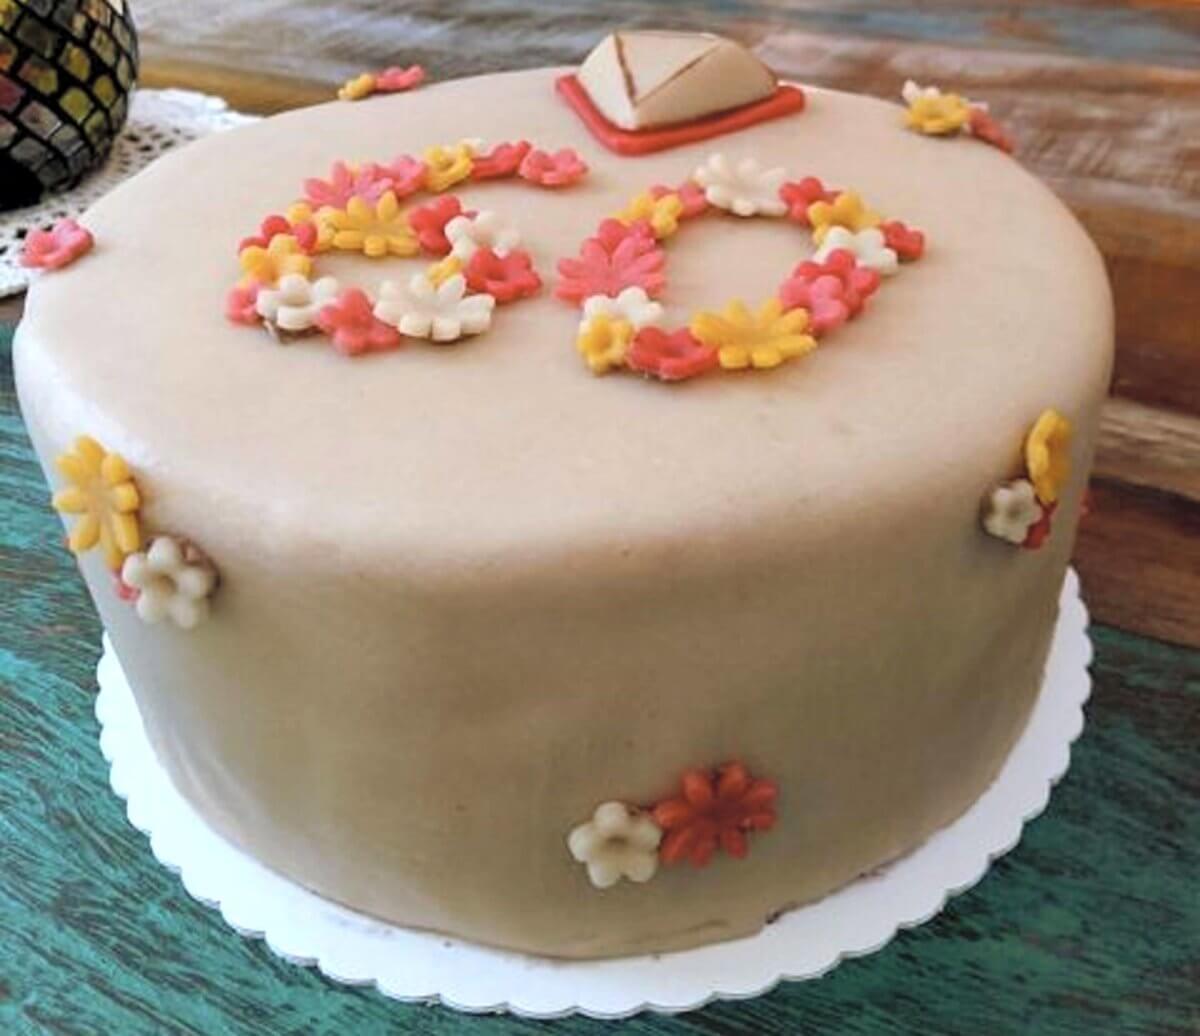 glutenfreie Torte zur Diamantenen Hochzeit (60 Jahre)